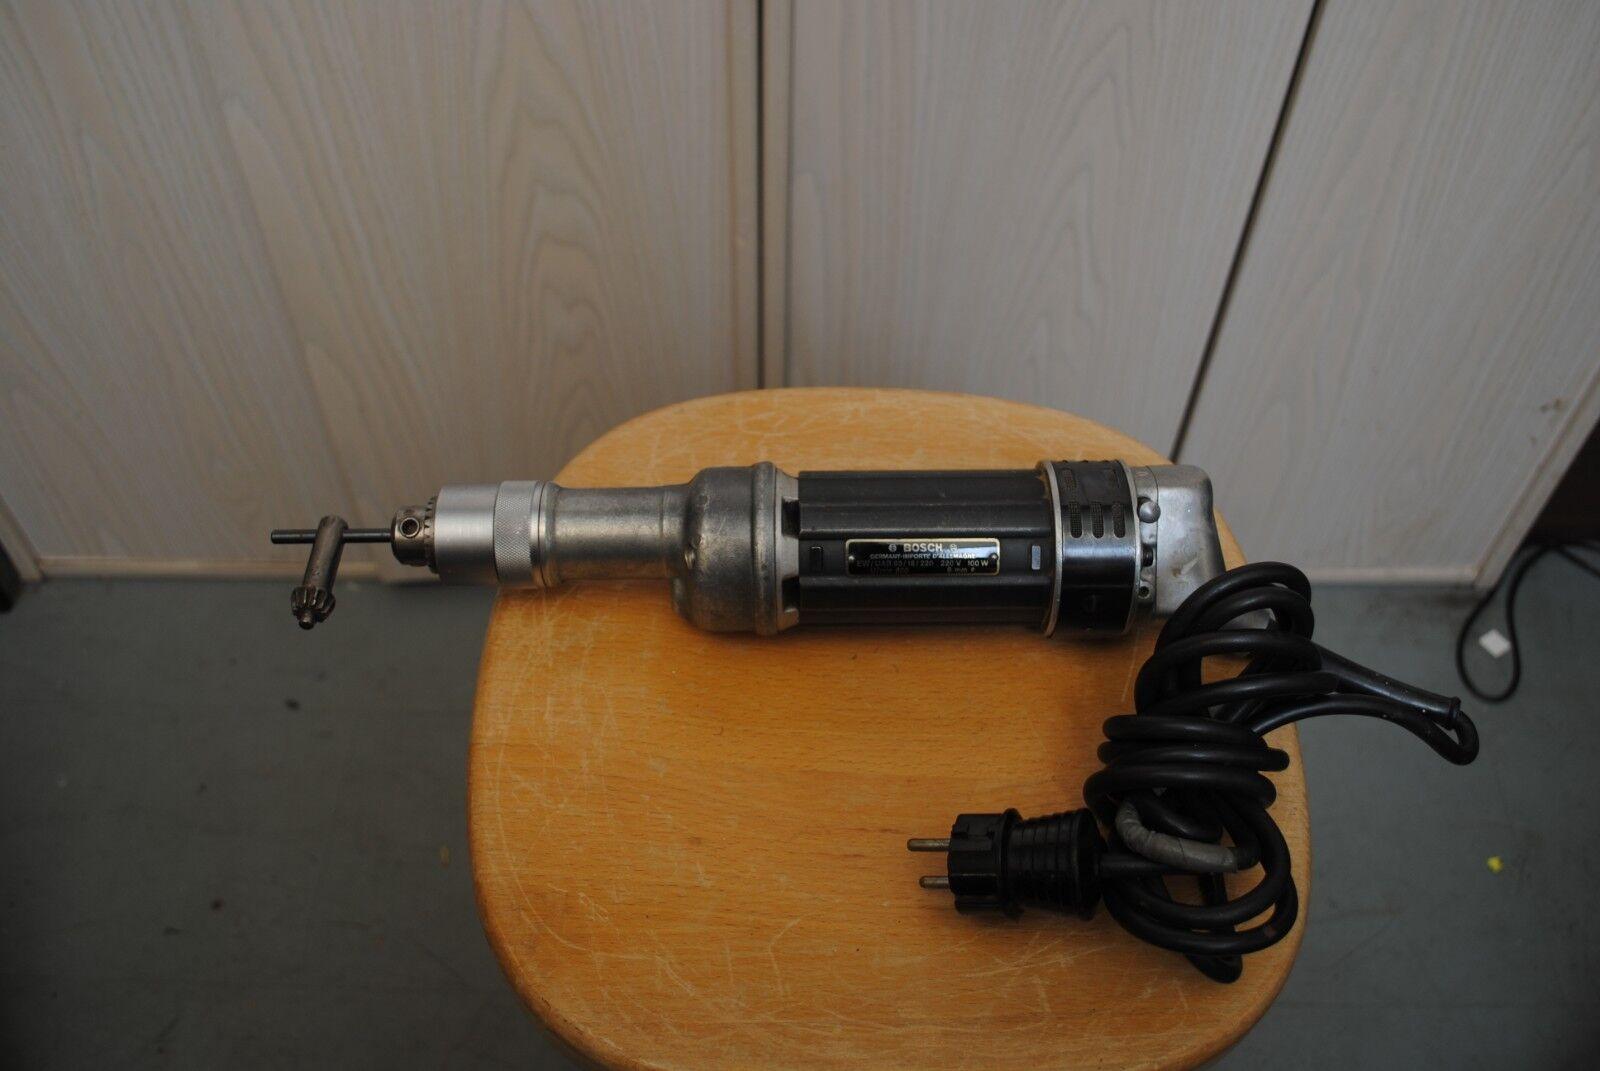 Hochwertige alter Handmotoren von BOSCH EW-UAB65 mit Bedienungsanleitung